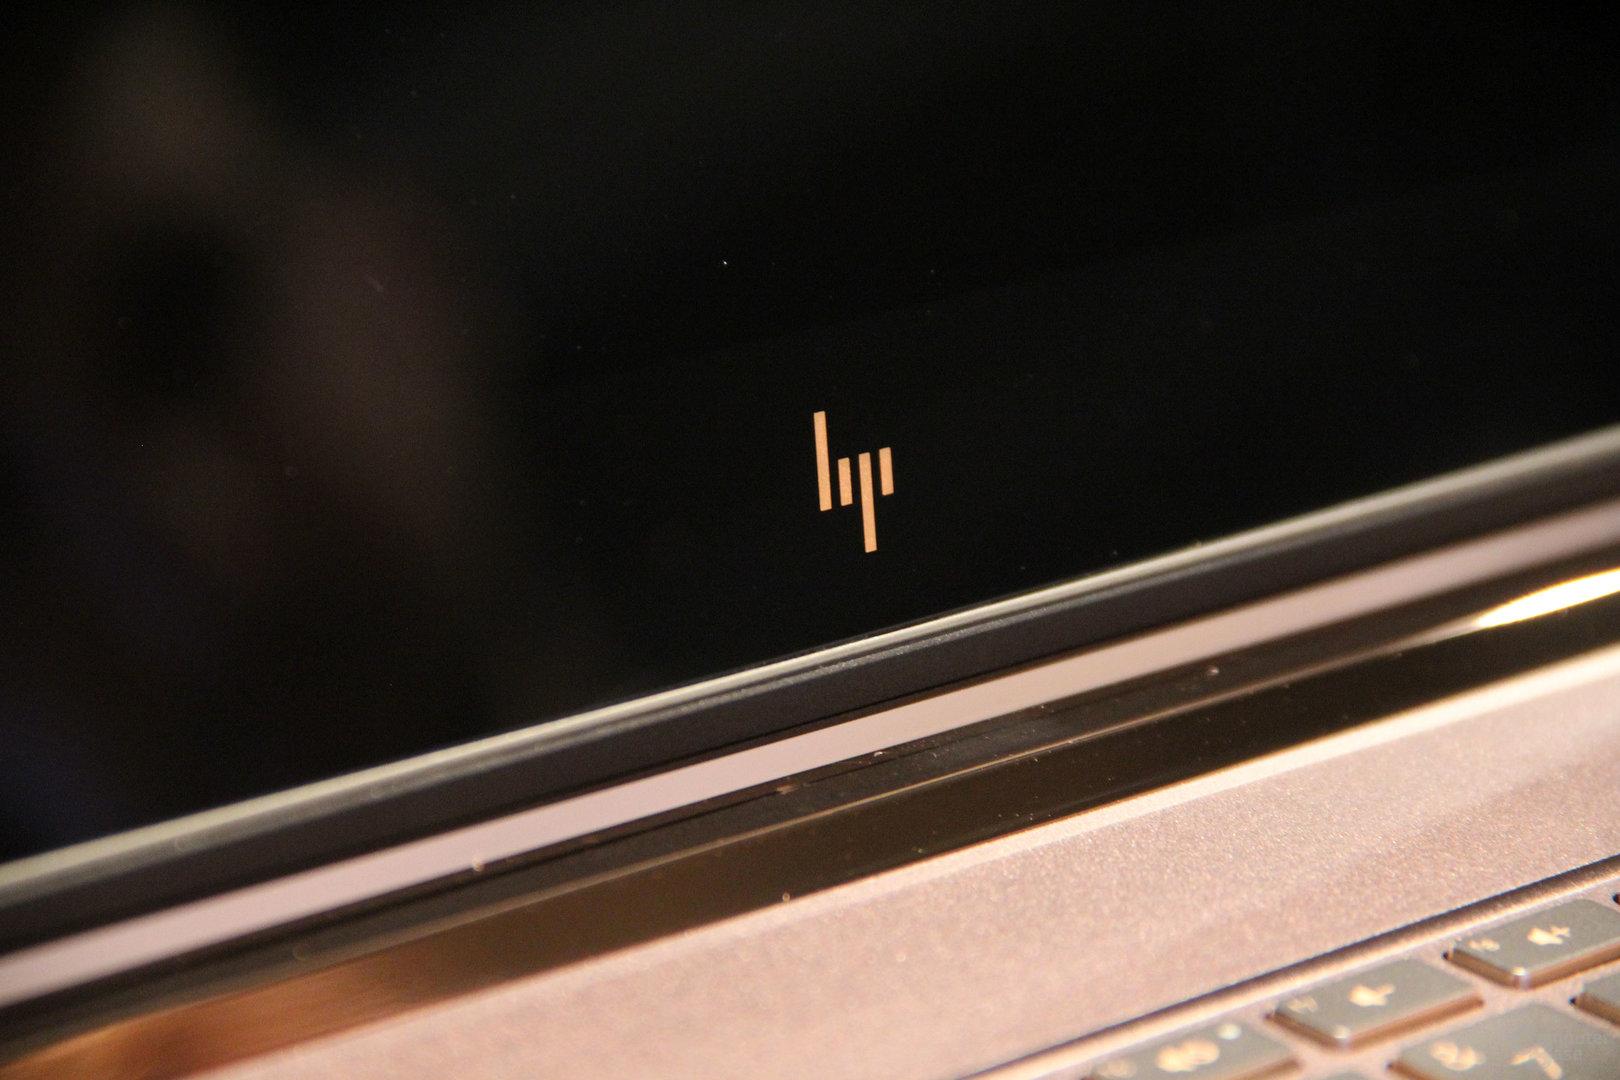 Die Premium-Notebooks erhalten ein neues Logo